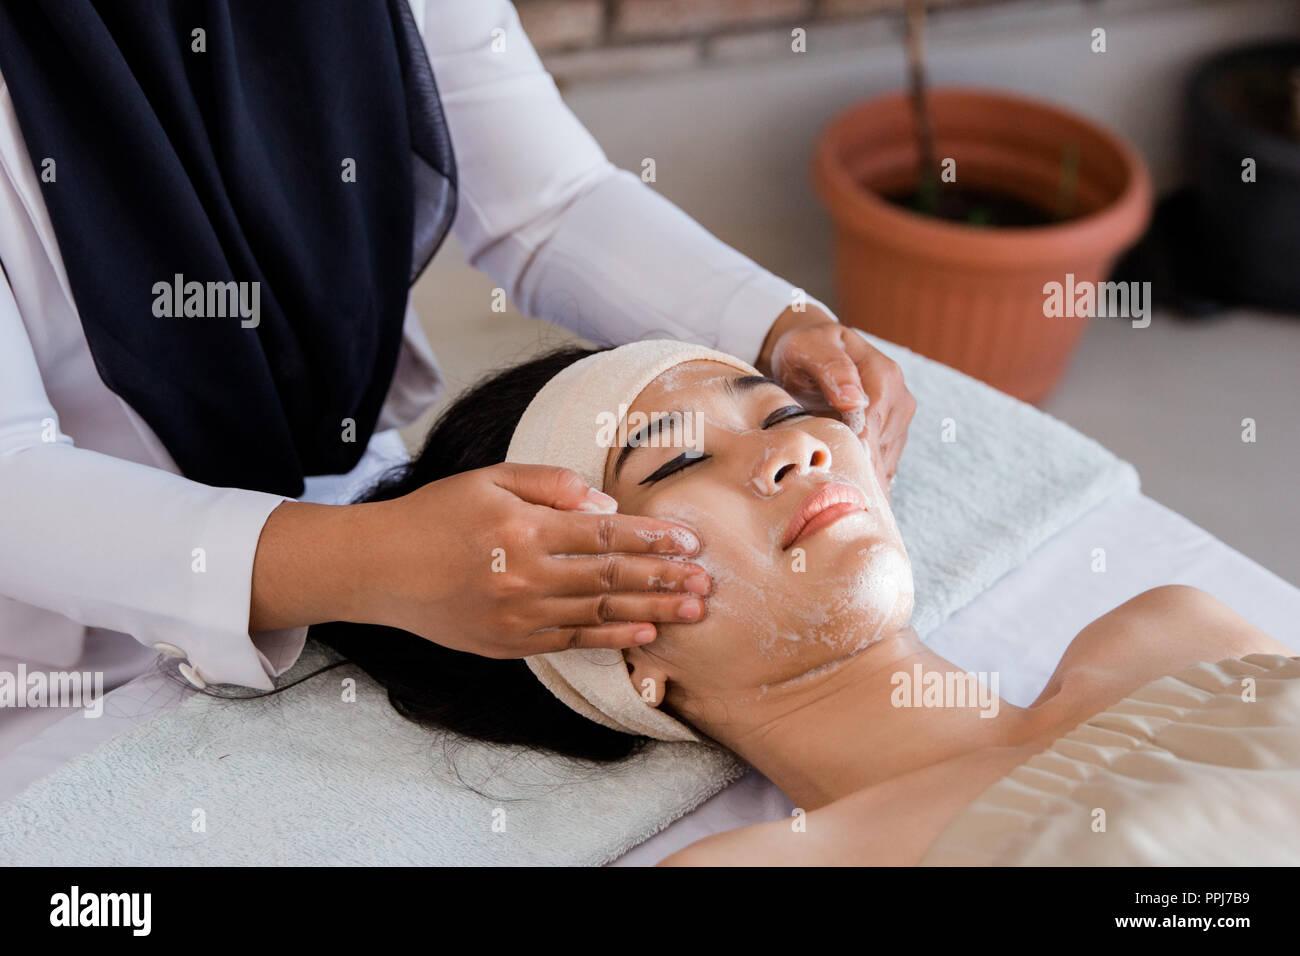 Giovane donna godendo di massaggio con crema di maschera Immagini Stock